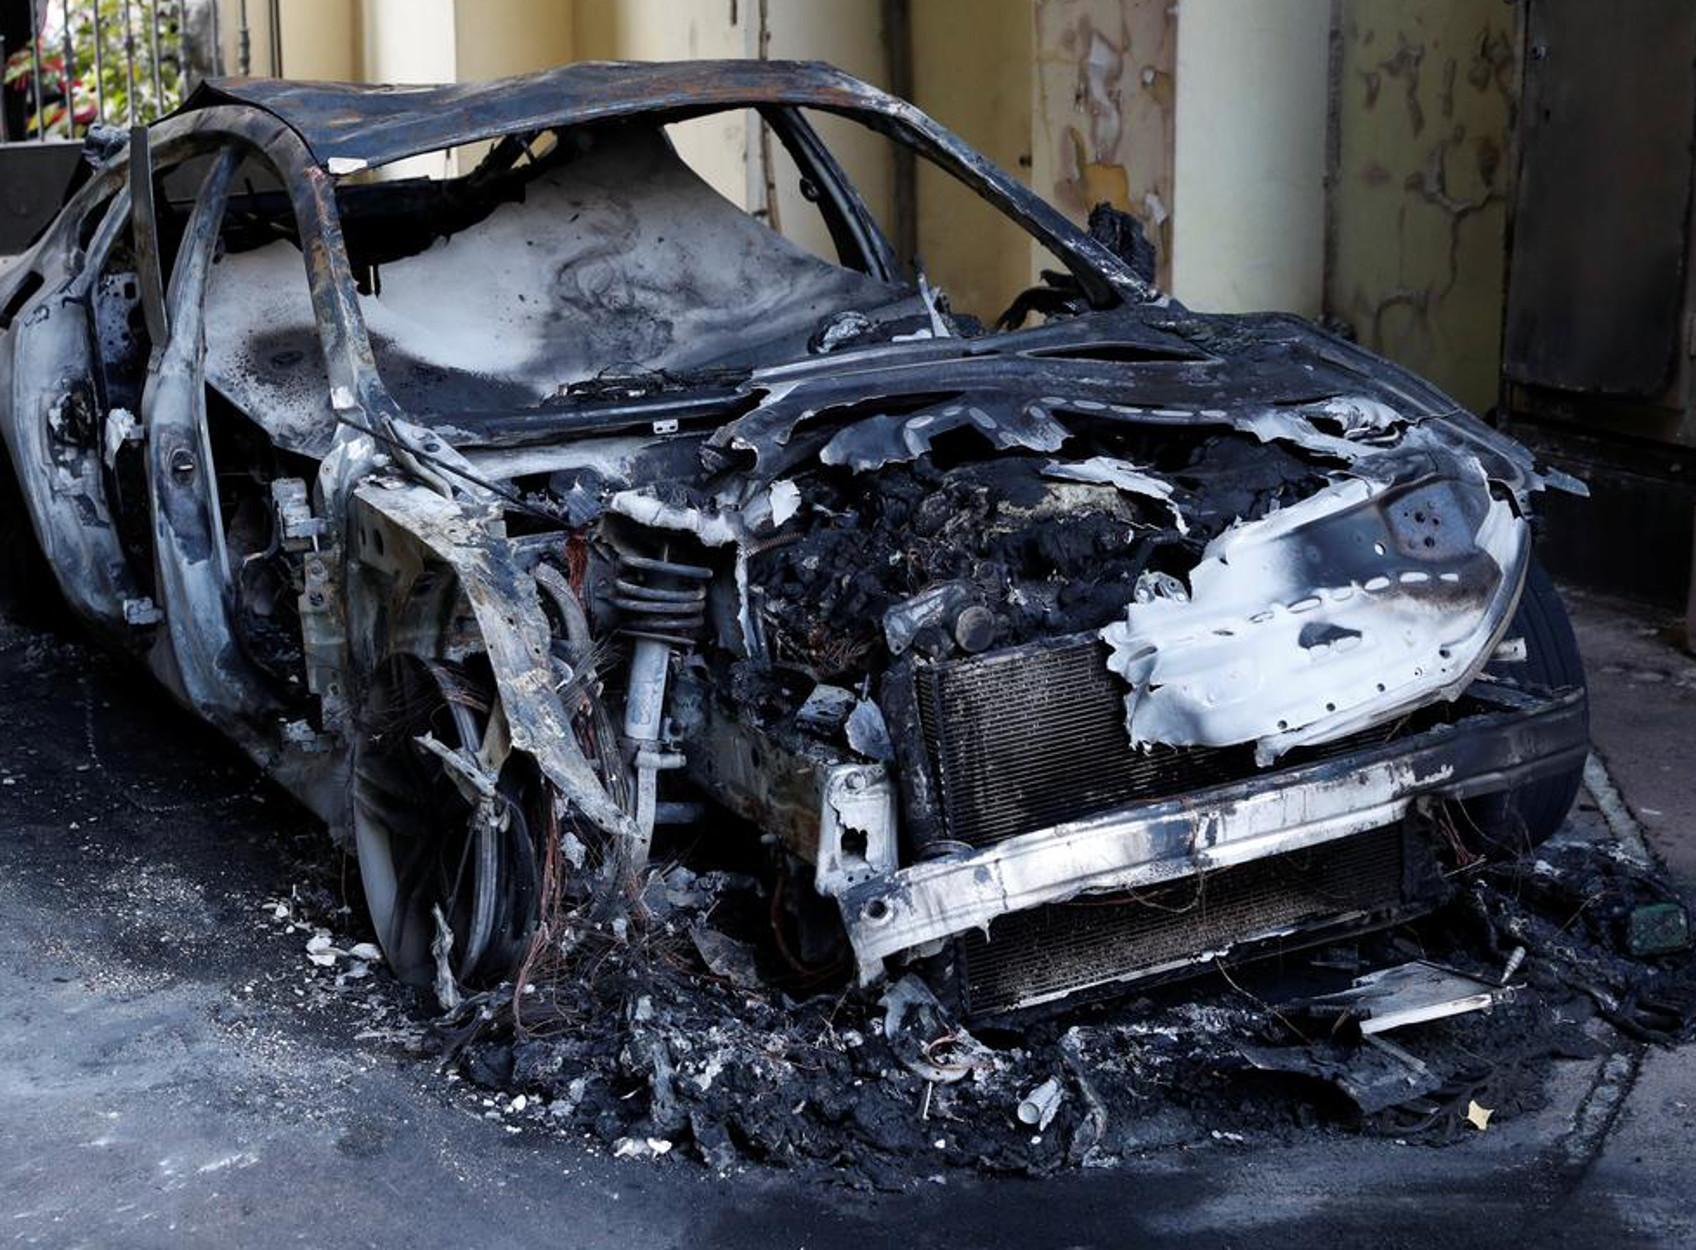 """""""Θρίλερ"""" με το απανθρακωμένο πτώμα σε αυτοκίνητο – Σε έναν 35χρονο ανήκουν οι πινακίδες"""